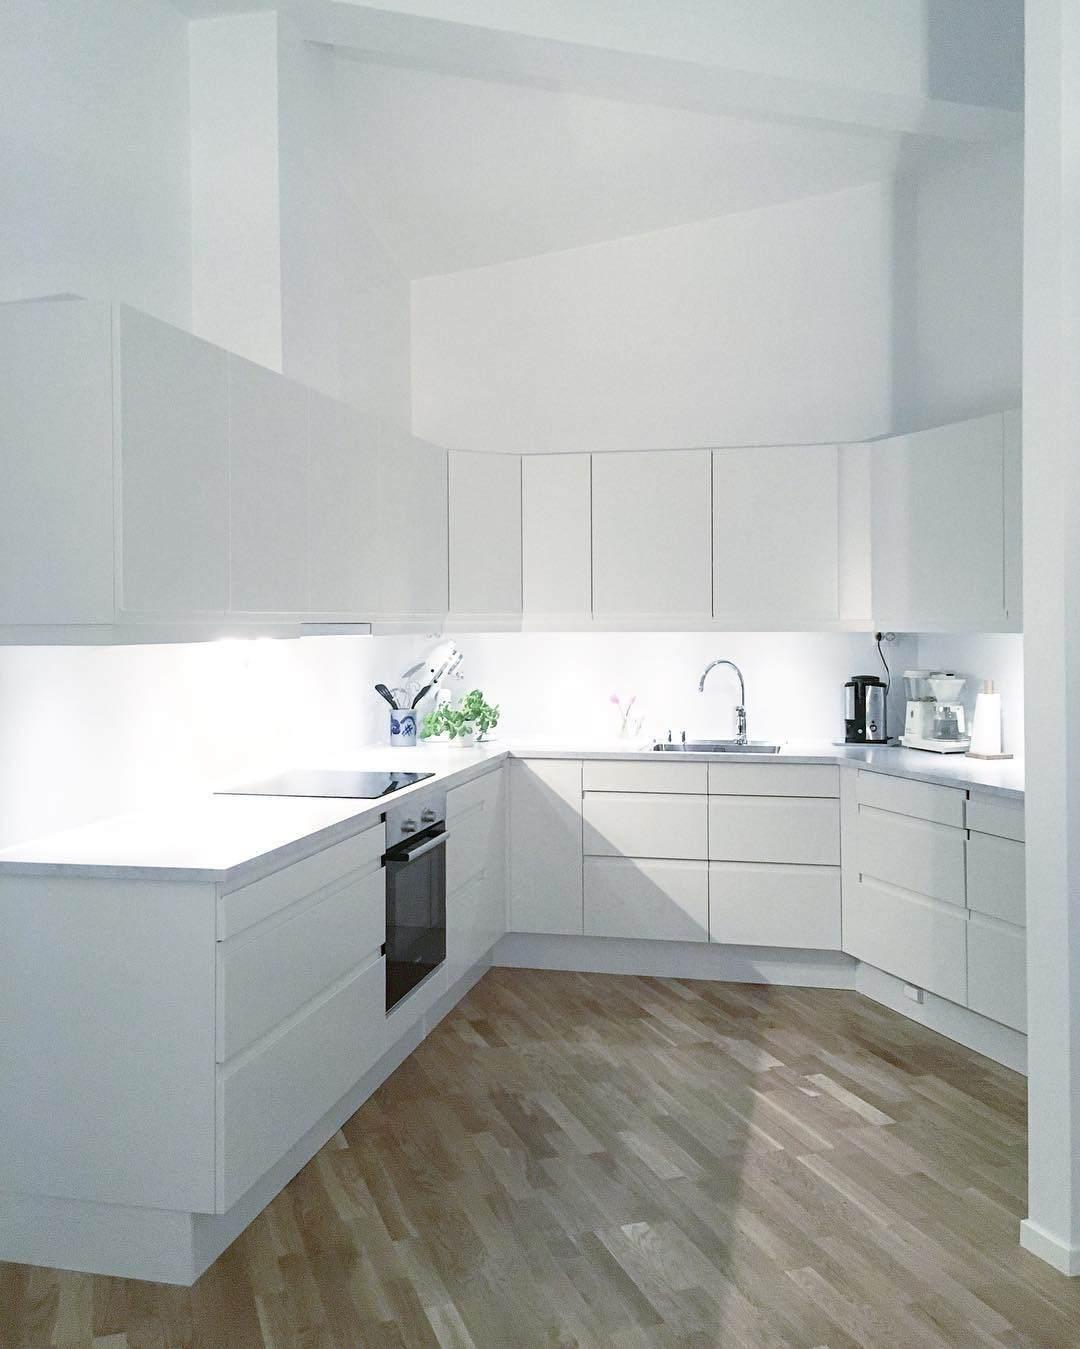 #kitchendesign #utensil #storagesolutions #cabinetlighting